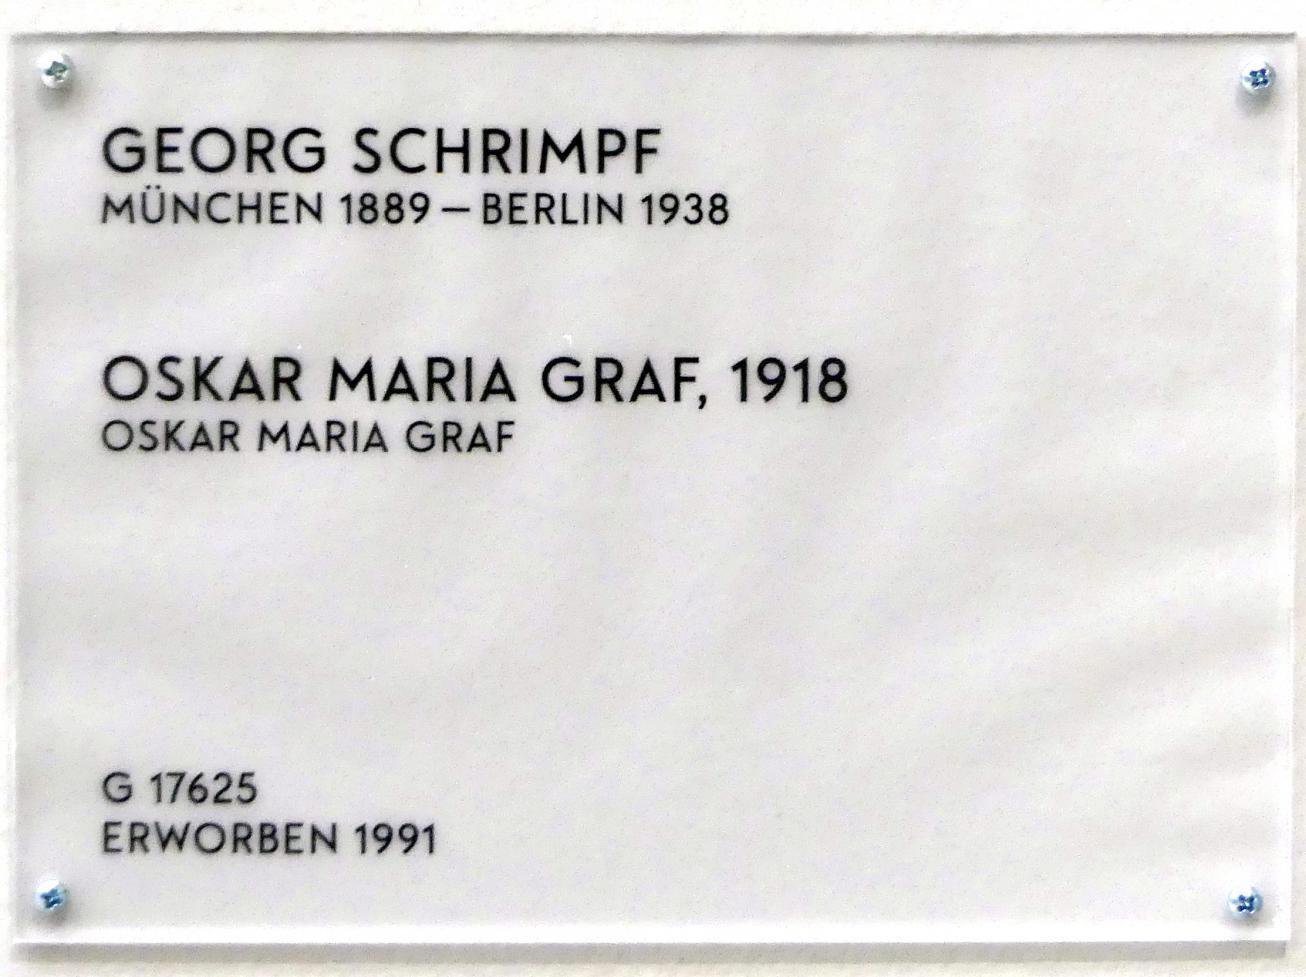 Georg Schrimpf: Oskar Maria Graf, 1918, Bild 2/2